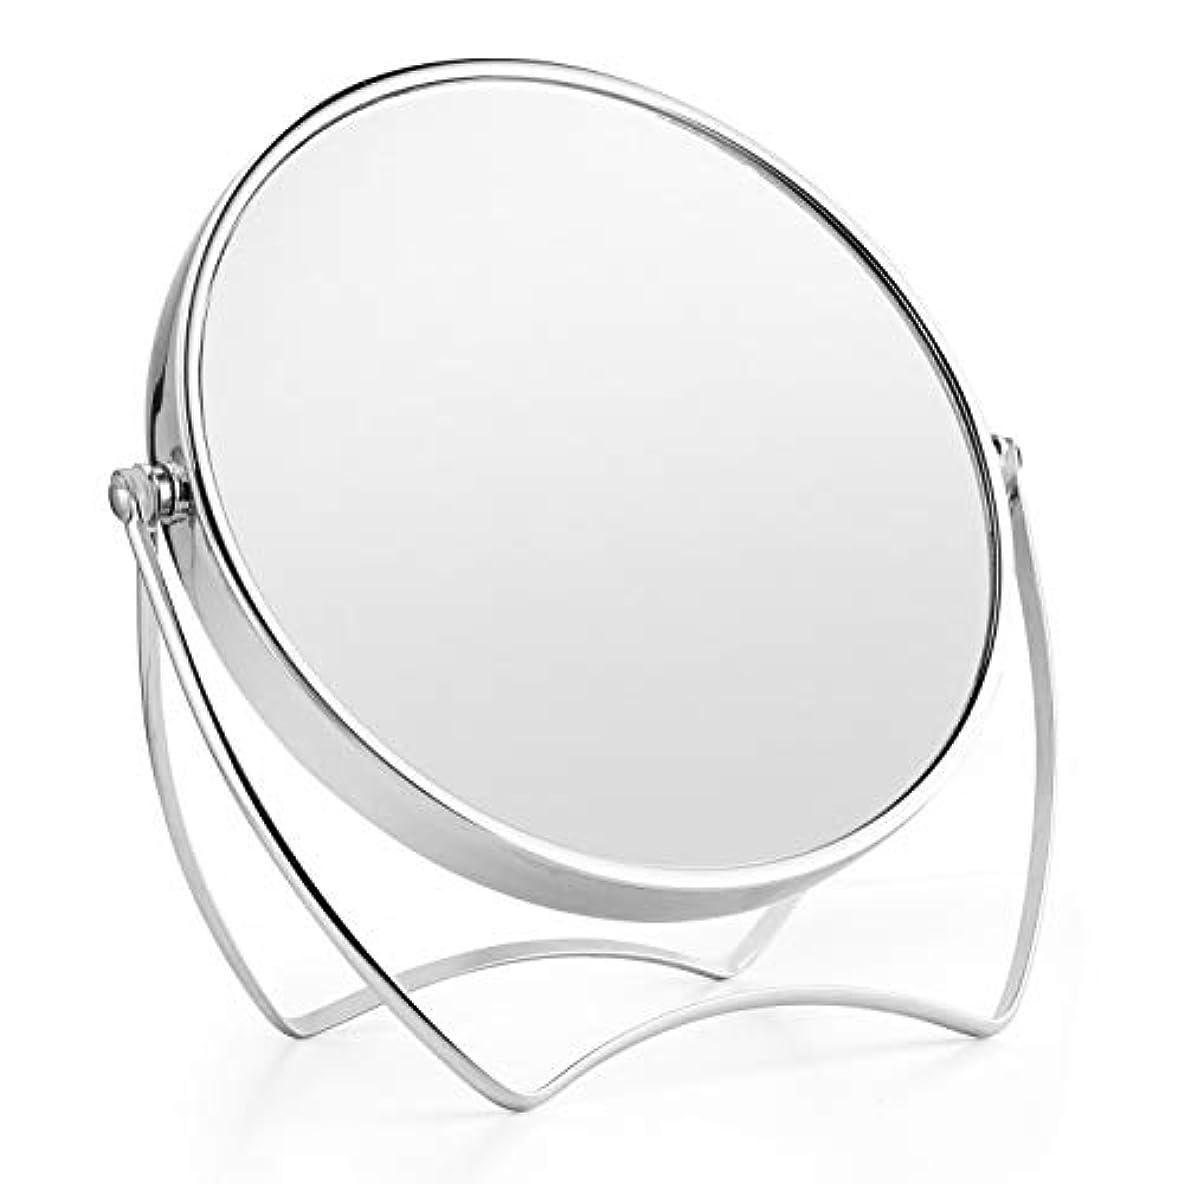 ロータリーベルト国民投票卓上ミラー 化粧鏡 1倍/5倍拡大鏡 メイクミラー 両面化粧鏡 ラウンドミラー 女優ミラー スタンドミラー 卓上鏡 360°回転ブラケット メタルフレームバニティミラー 寝室や浴室に適しています(15cm)